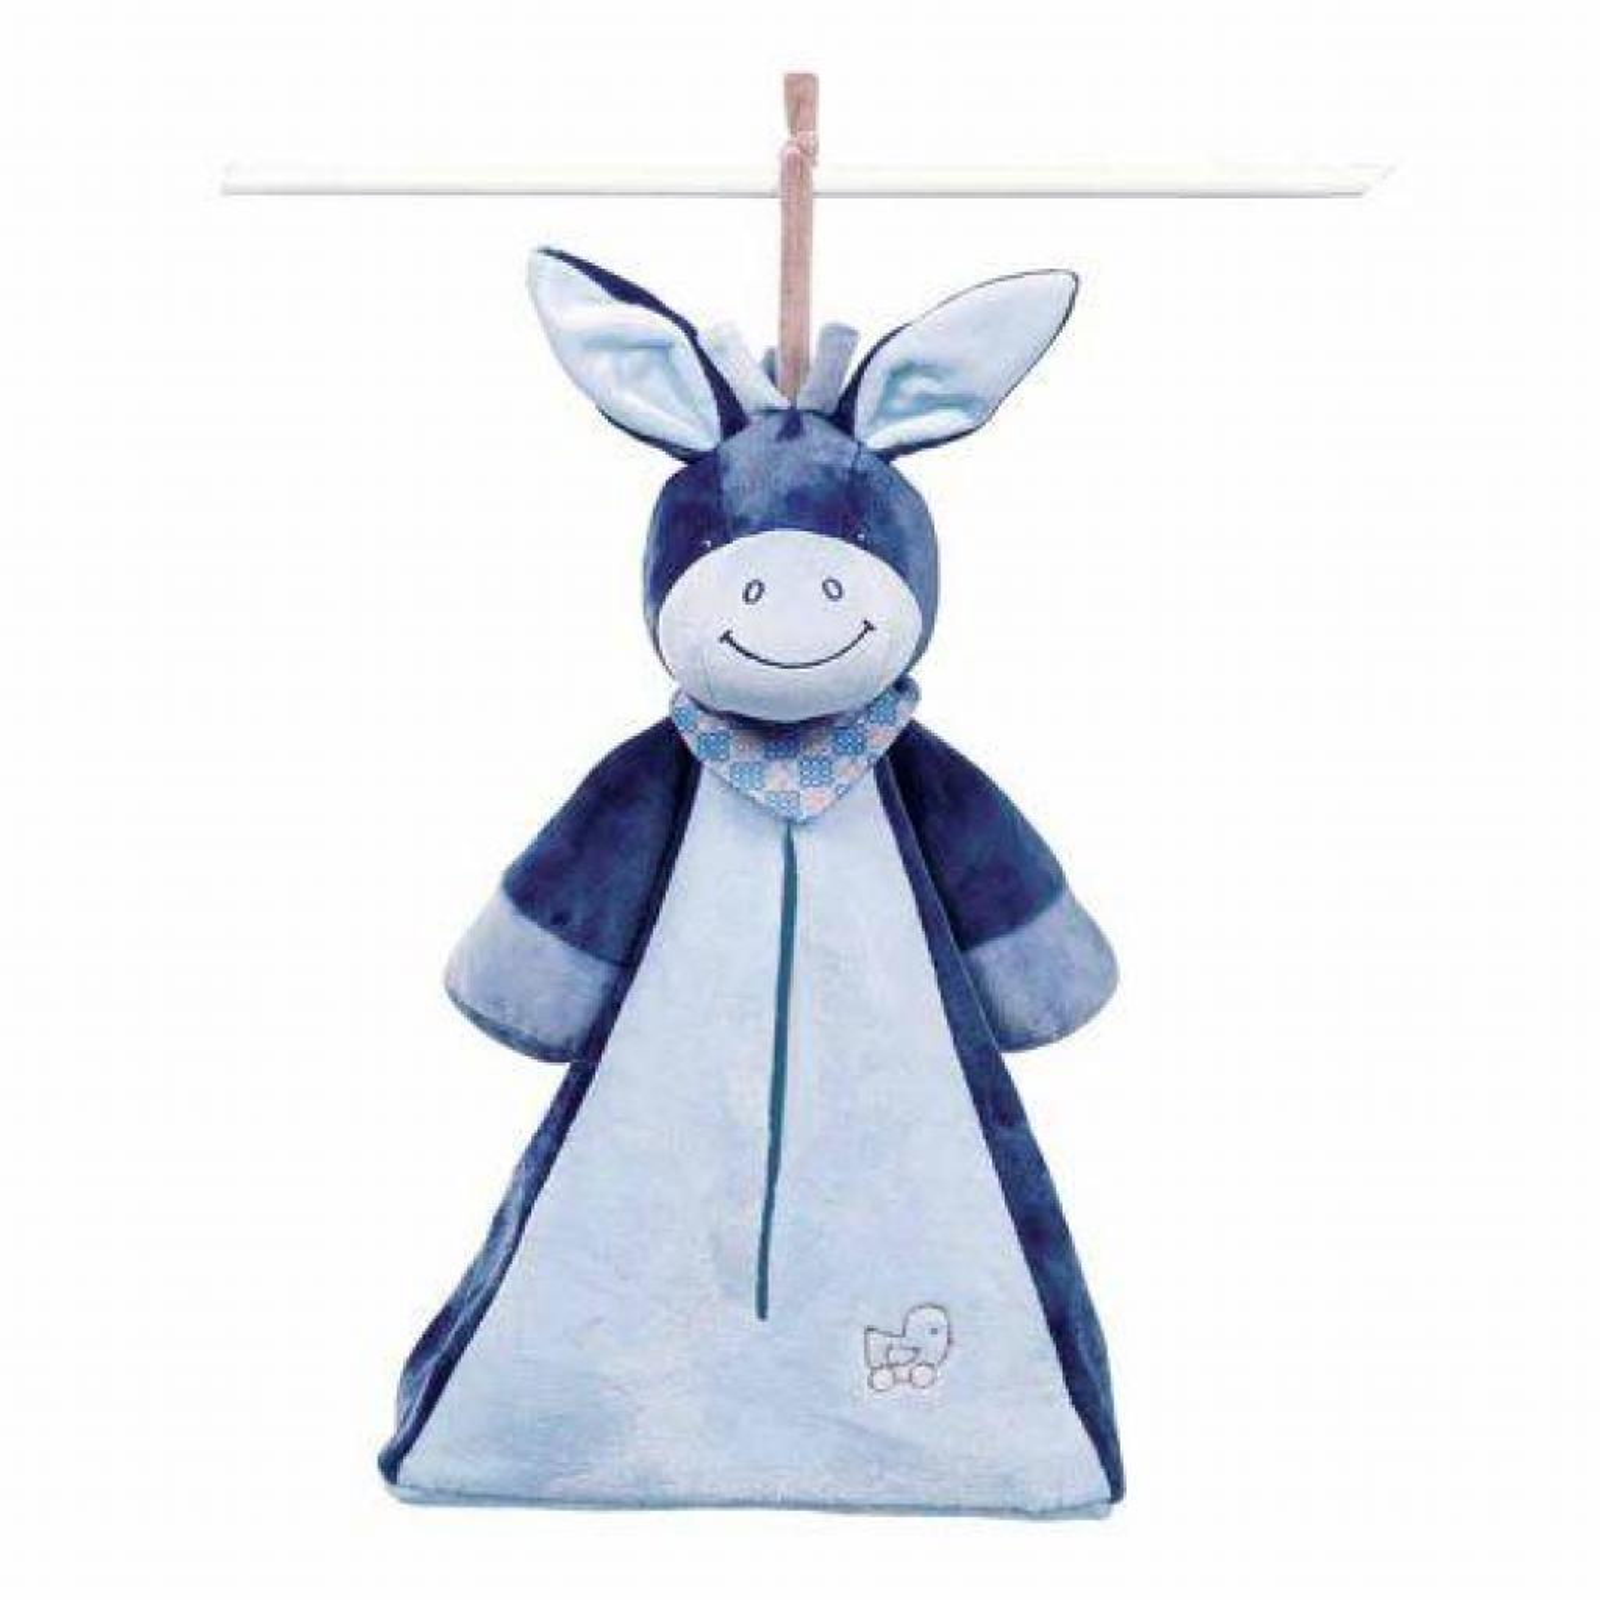 М'яка іграшка Nattou Сумка для подгузников ослик Алекс (321495)